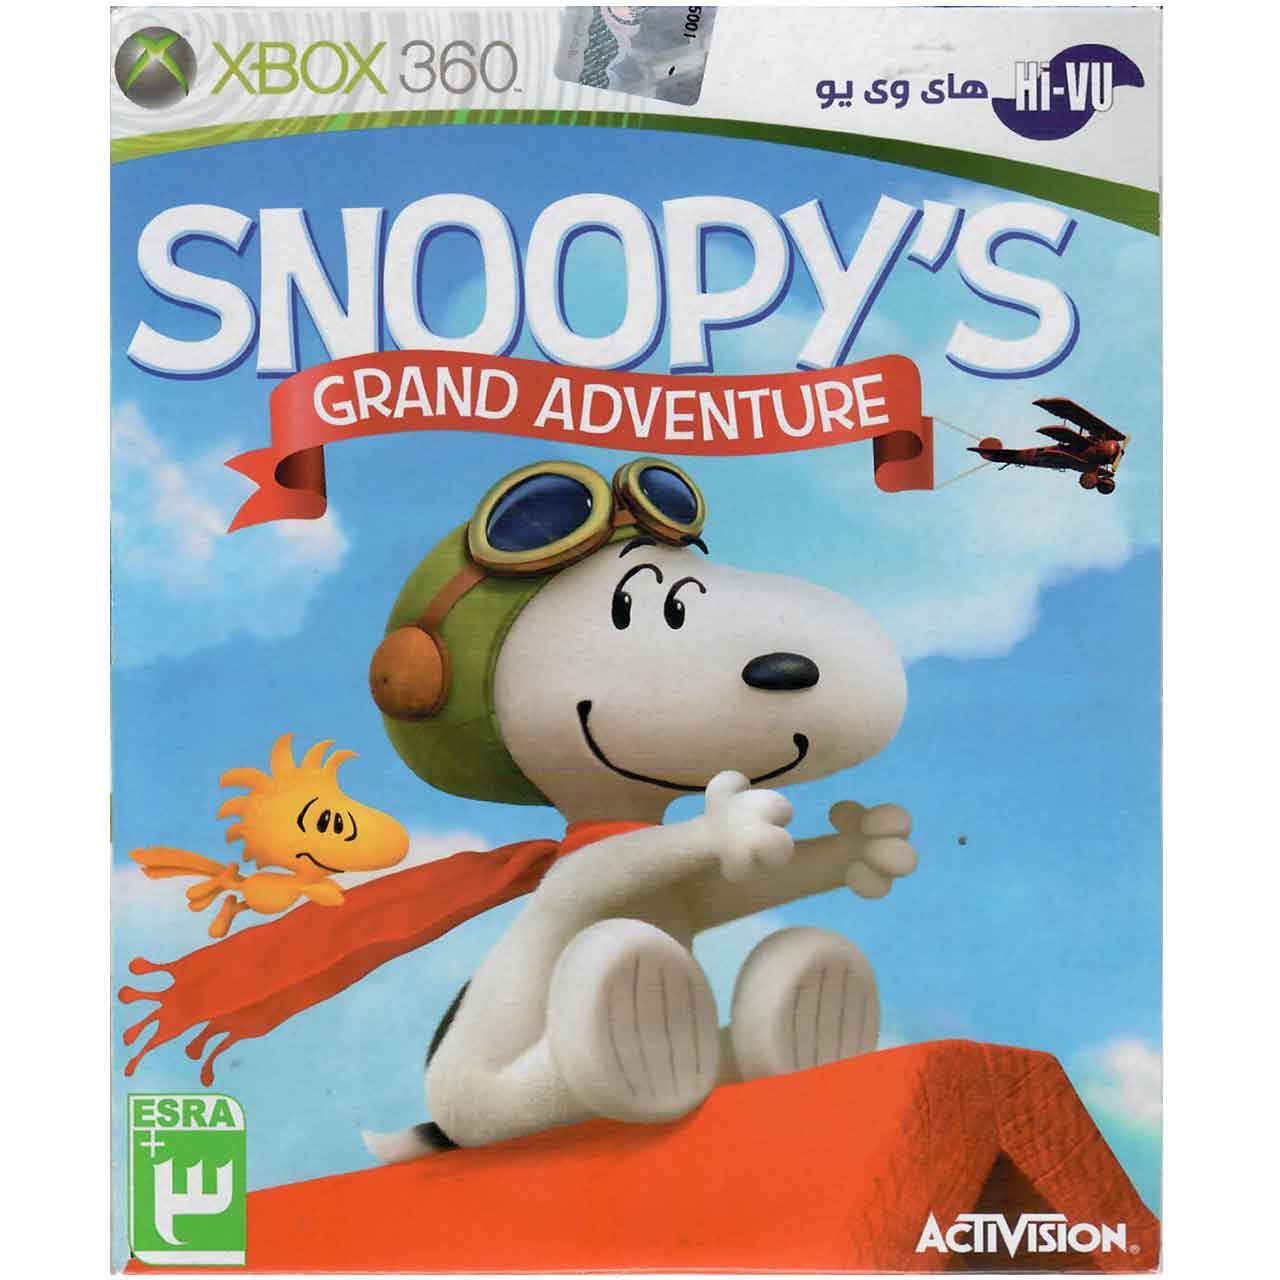 بررسی و {خرید با تخفیف} بازی Snoopys Grand Adventure مخصوص Xbox 360 اصل